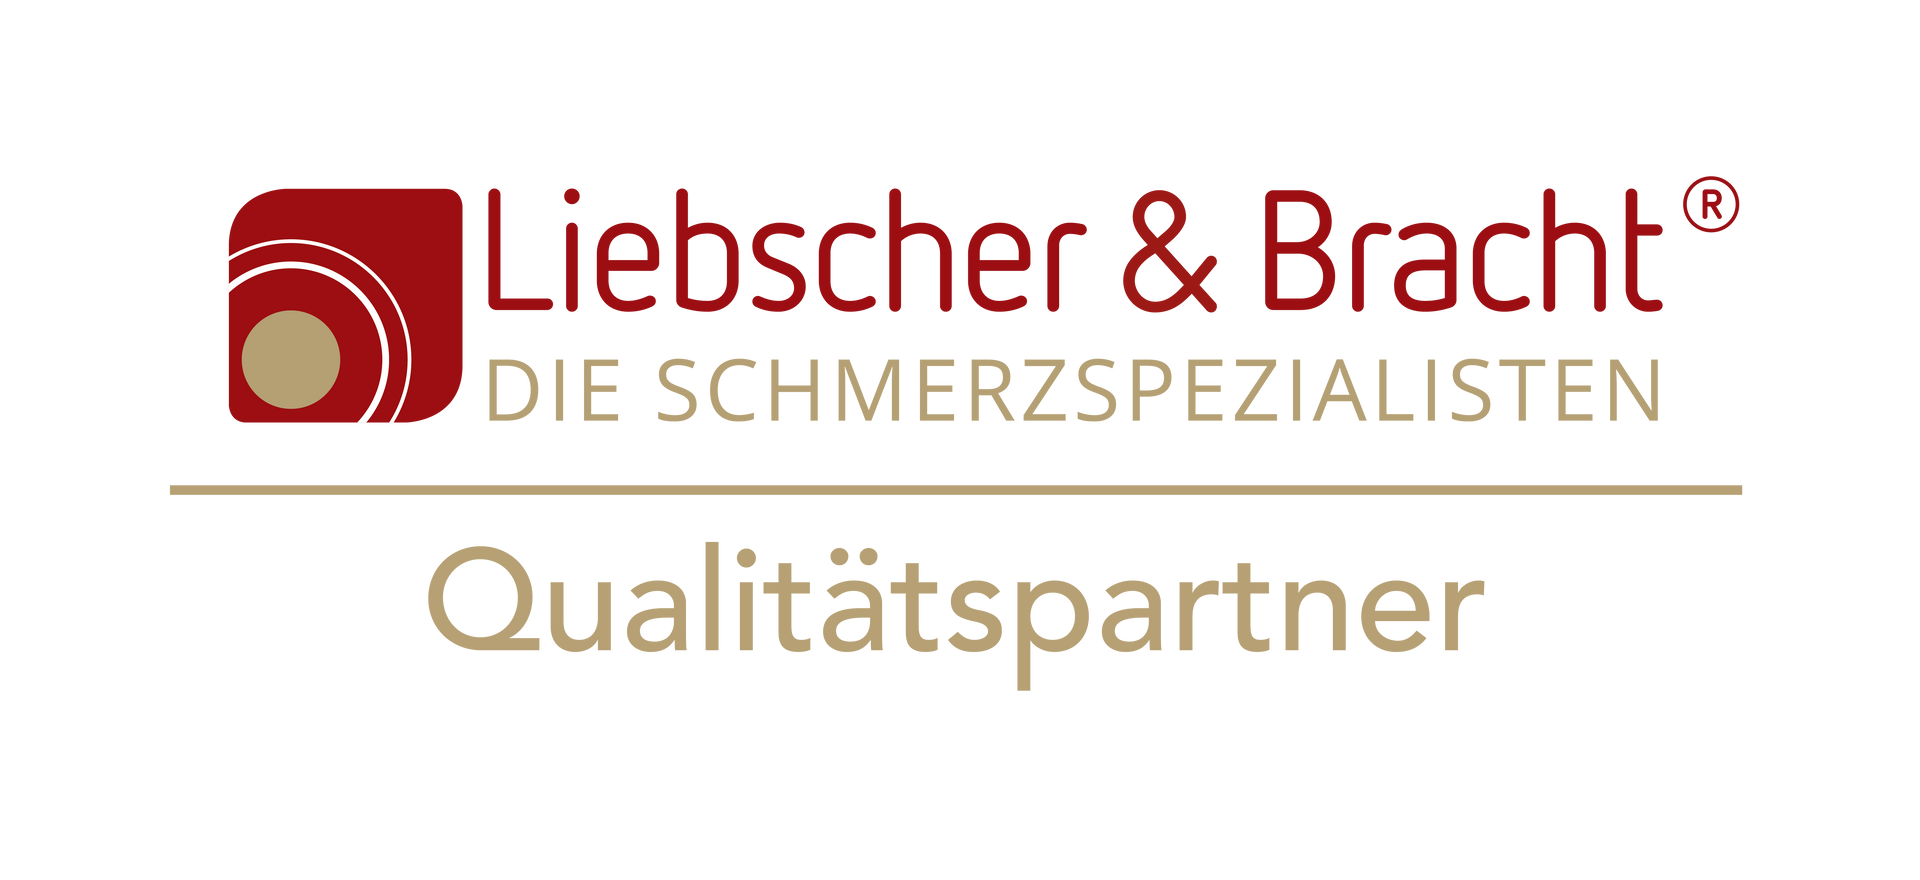 qualifizierter Goldstandard nach Liebscher&Bracht